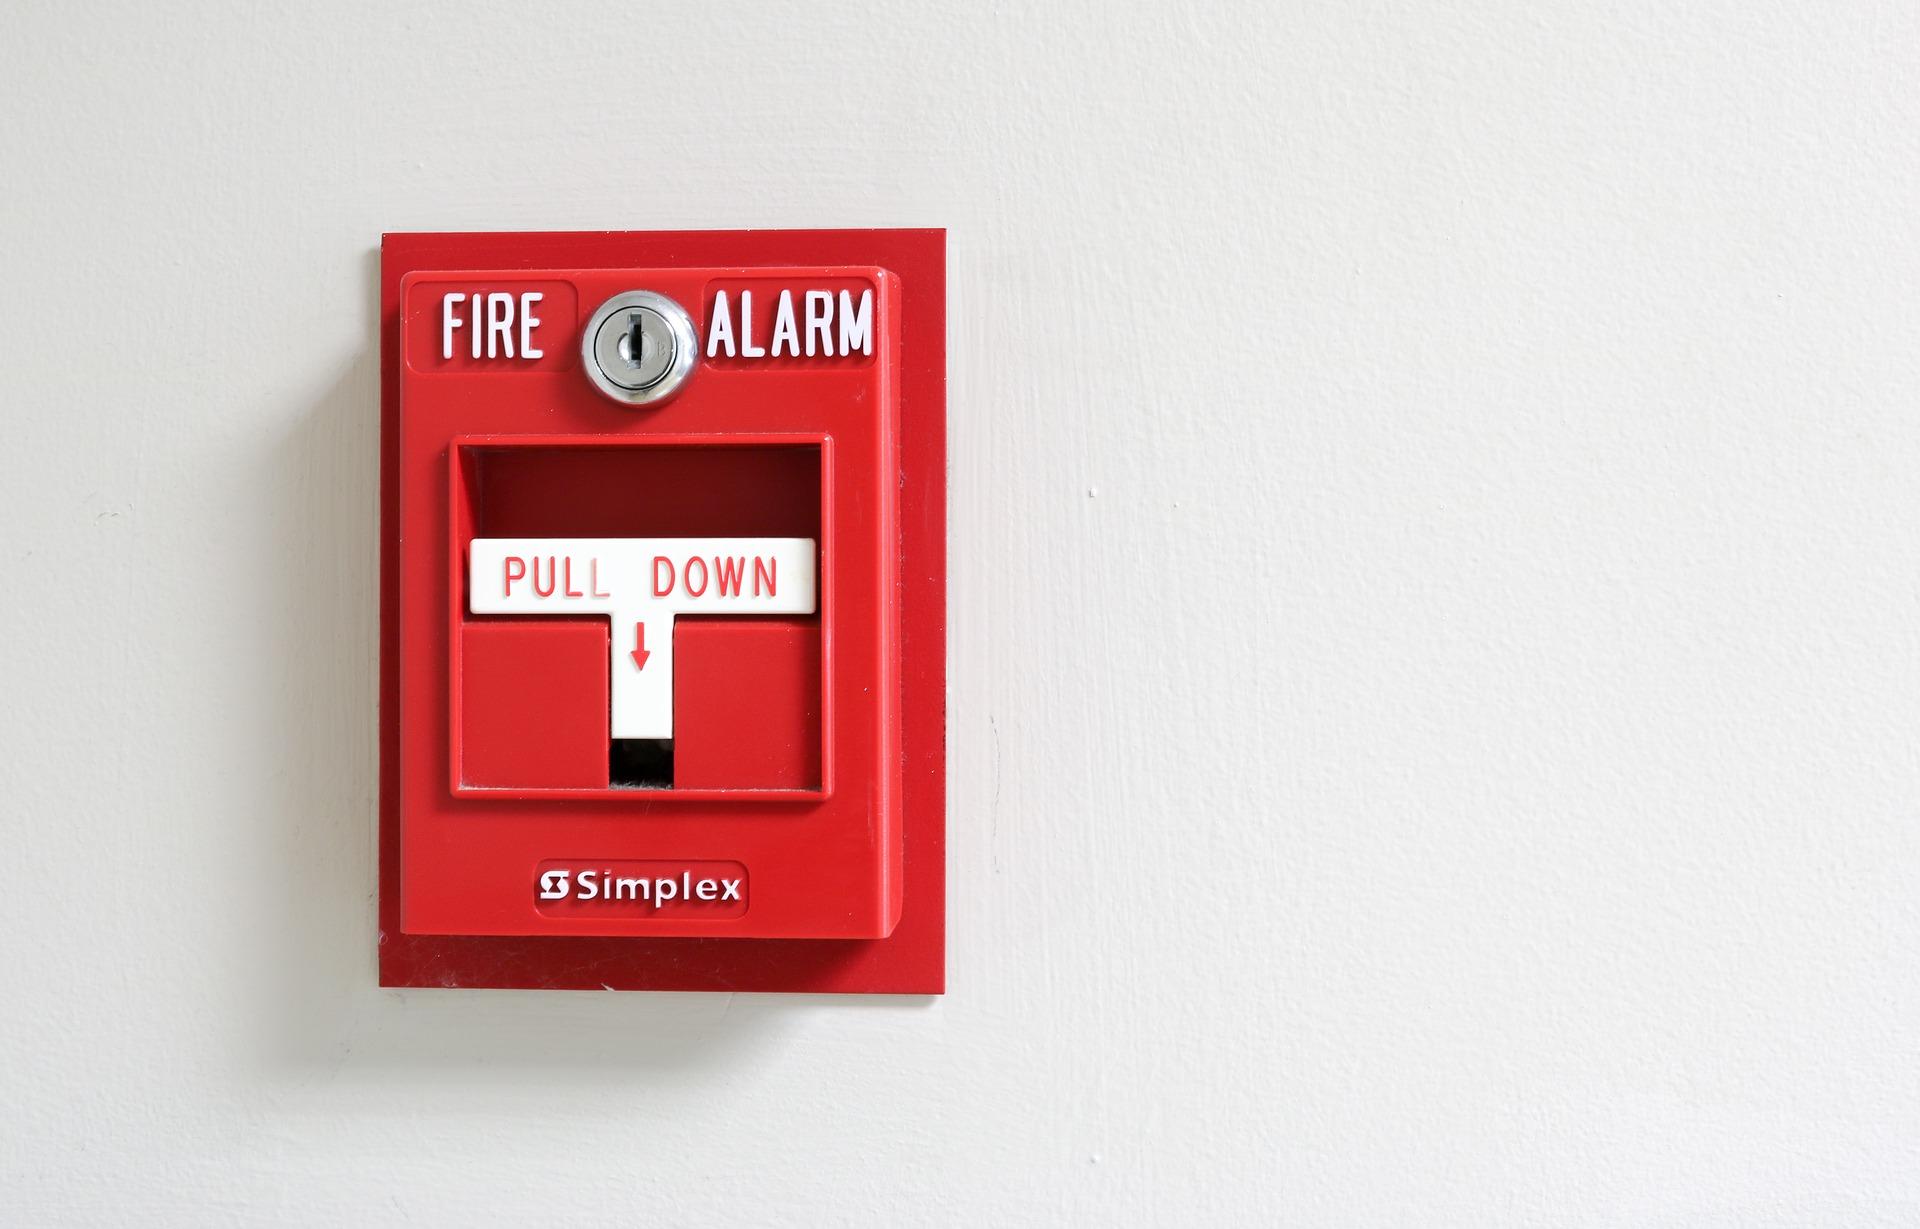 Instalaciones y mantenimiento contra incendios (instalación y mantenimiento de extintores, BIE, pulsadores, central de alarma de incendios, detección de humos, detectores, sirenas...)